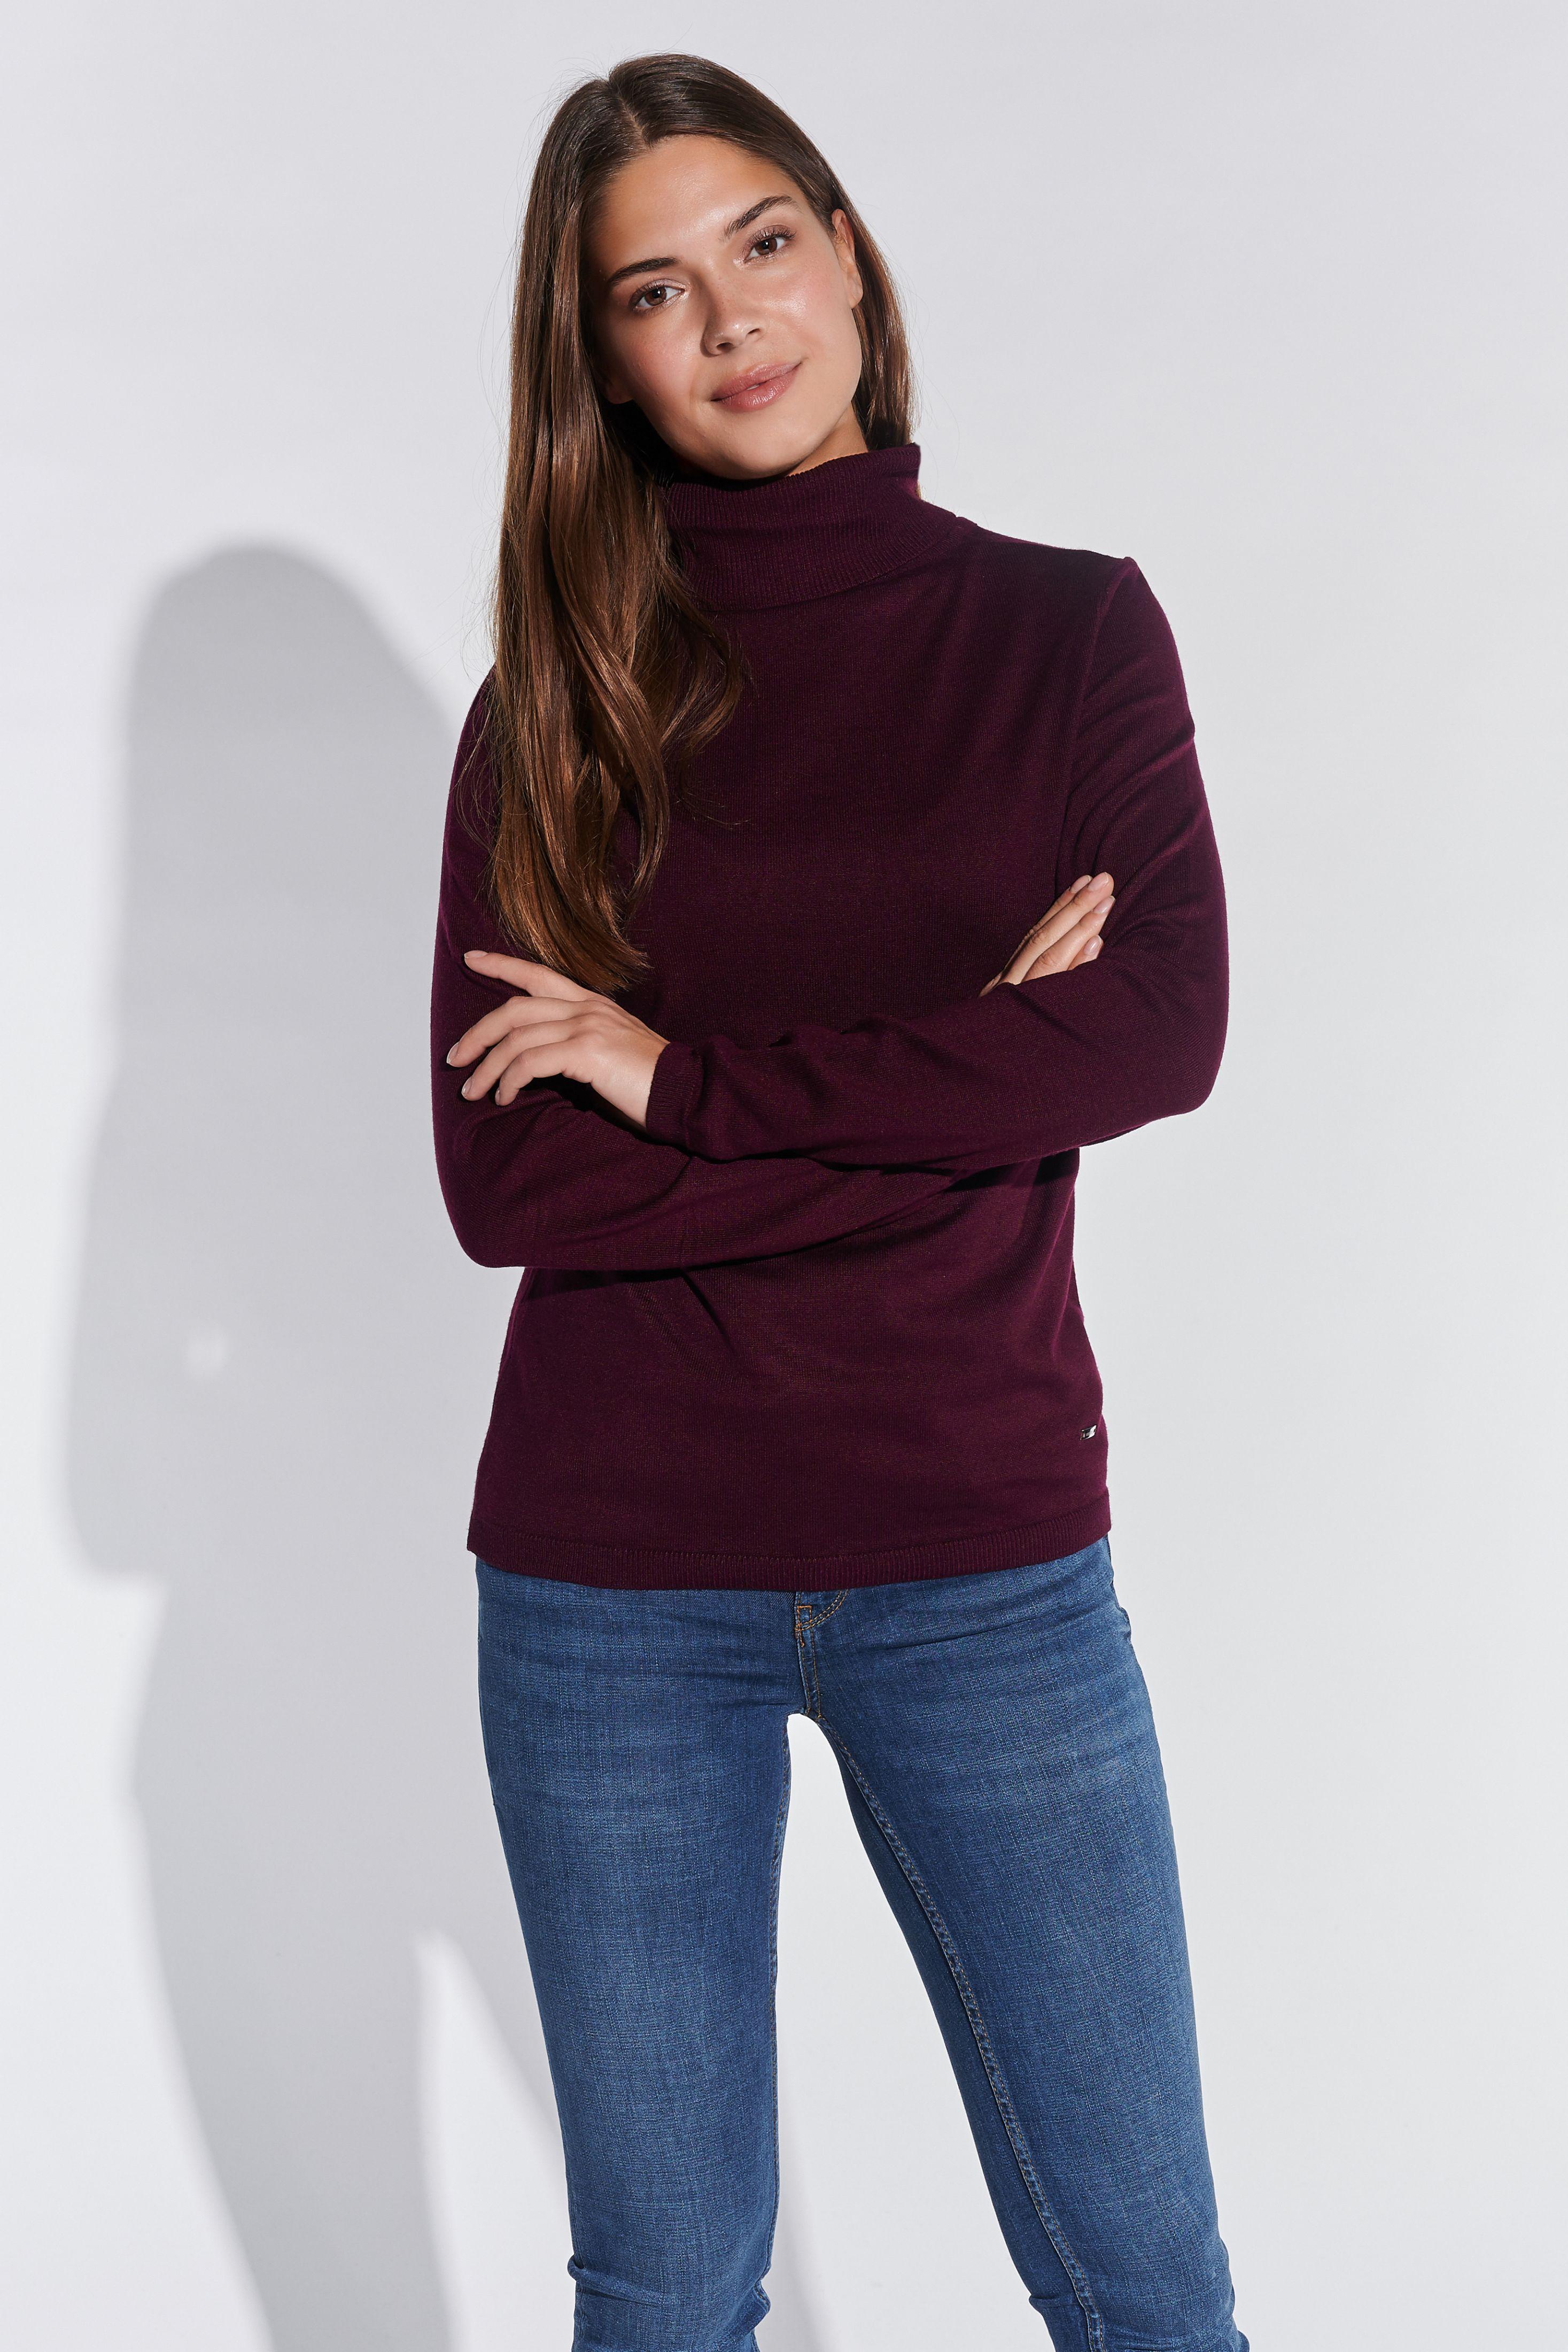 Vestino Damen Rollkragen Pullover | ein guter Ruf in in in der Welt  5808af